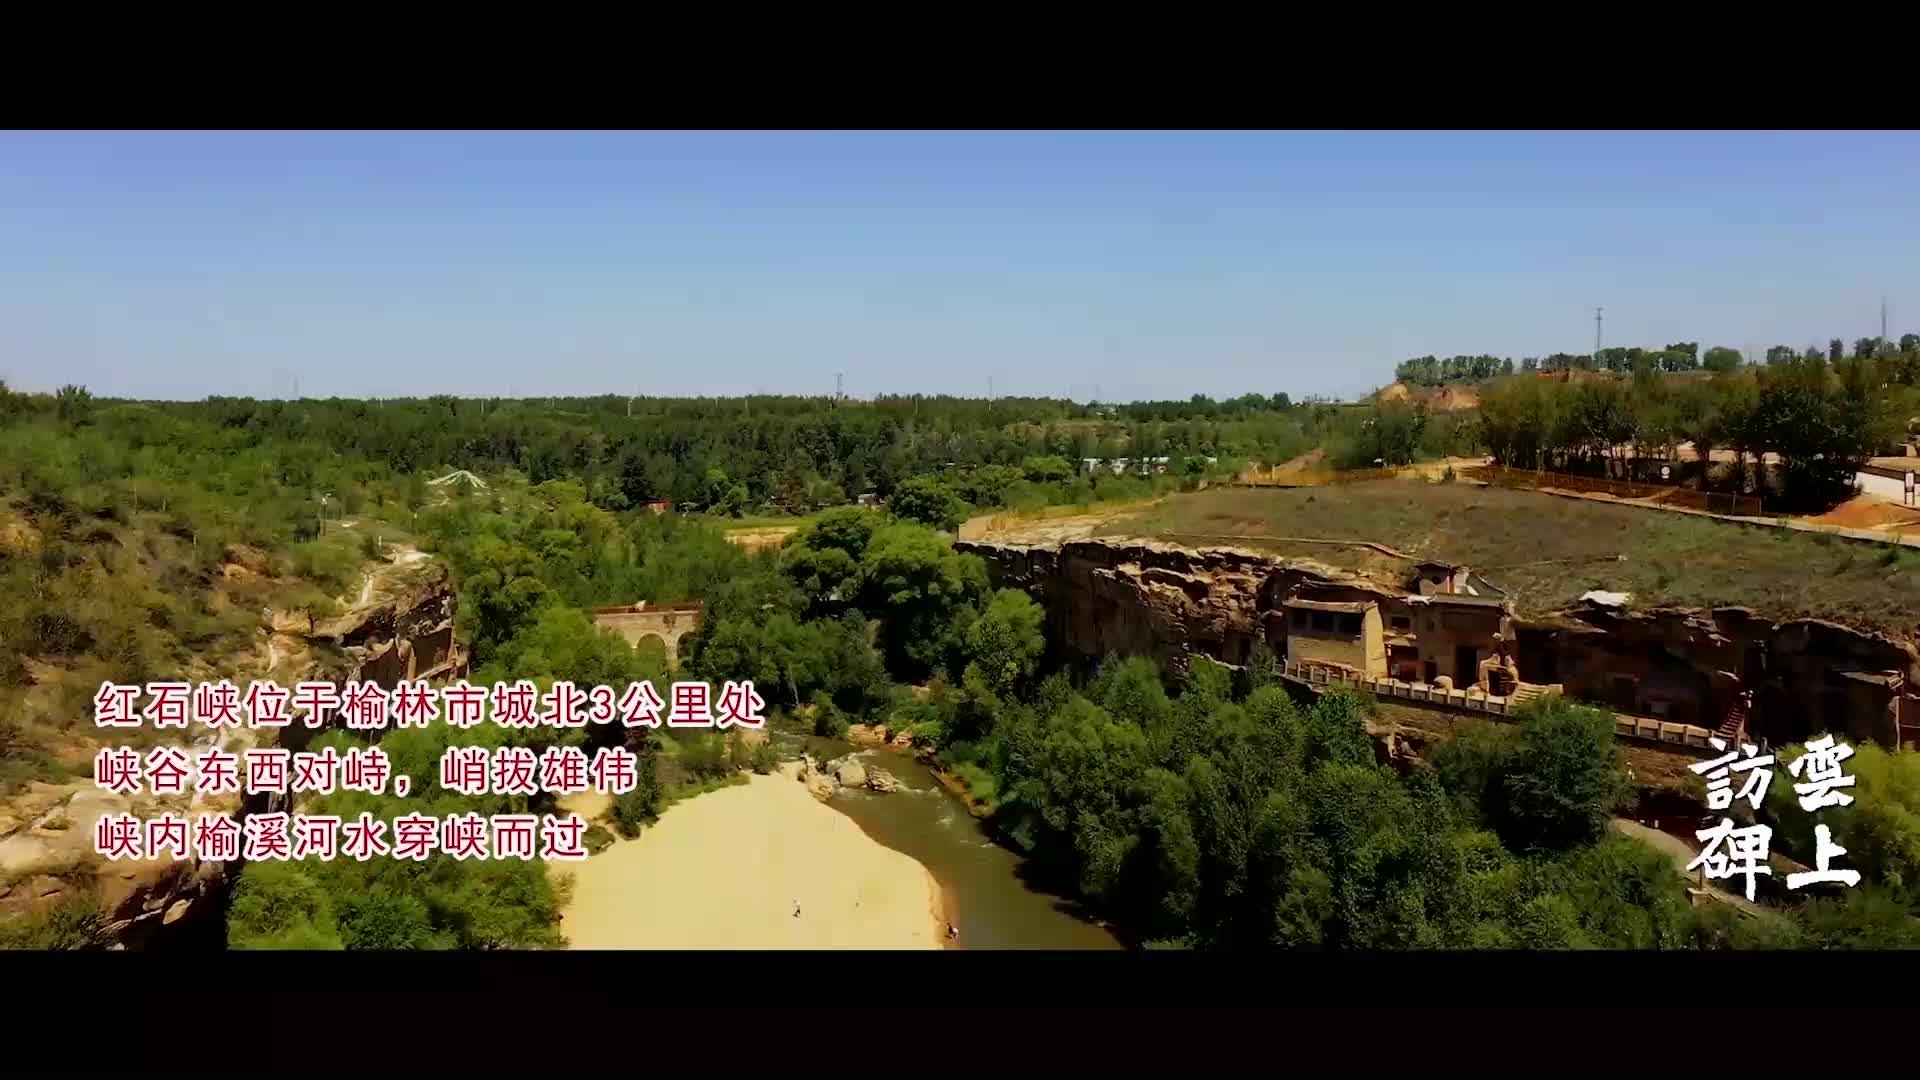 书法记录系列节目访碑云上第5期榆林红石峡